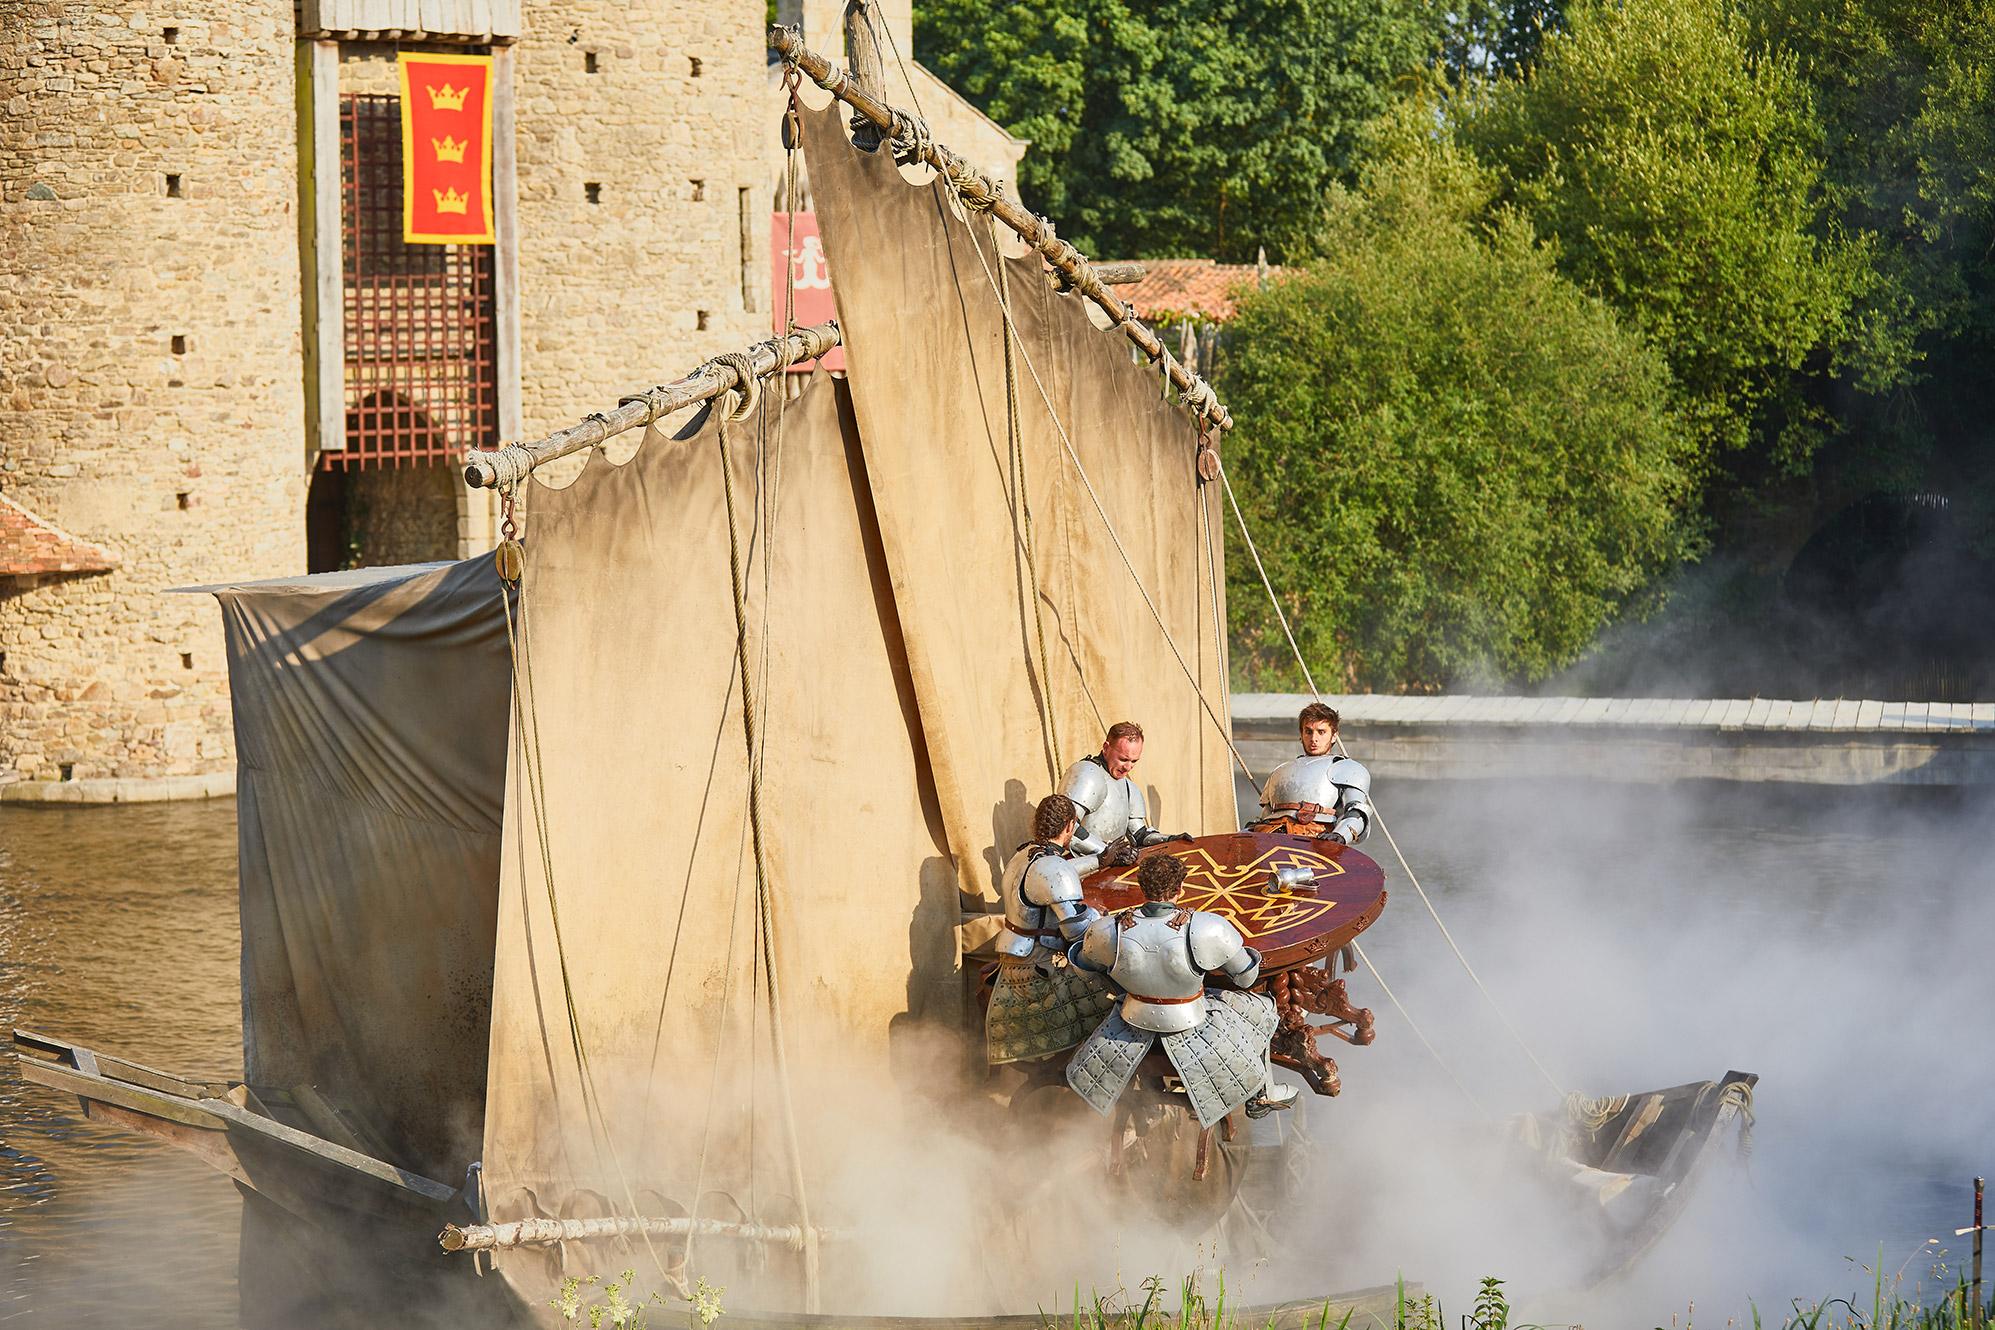 Les chevaliers de la table ronde spectacle puy du fou - Blason chevalier table ronde ...